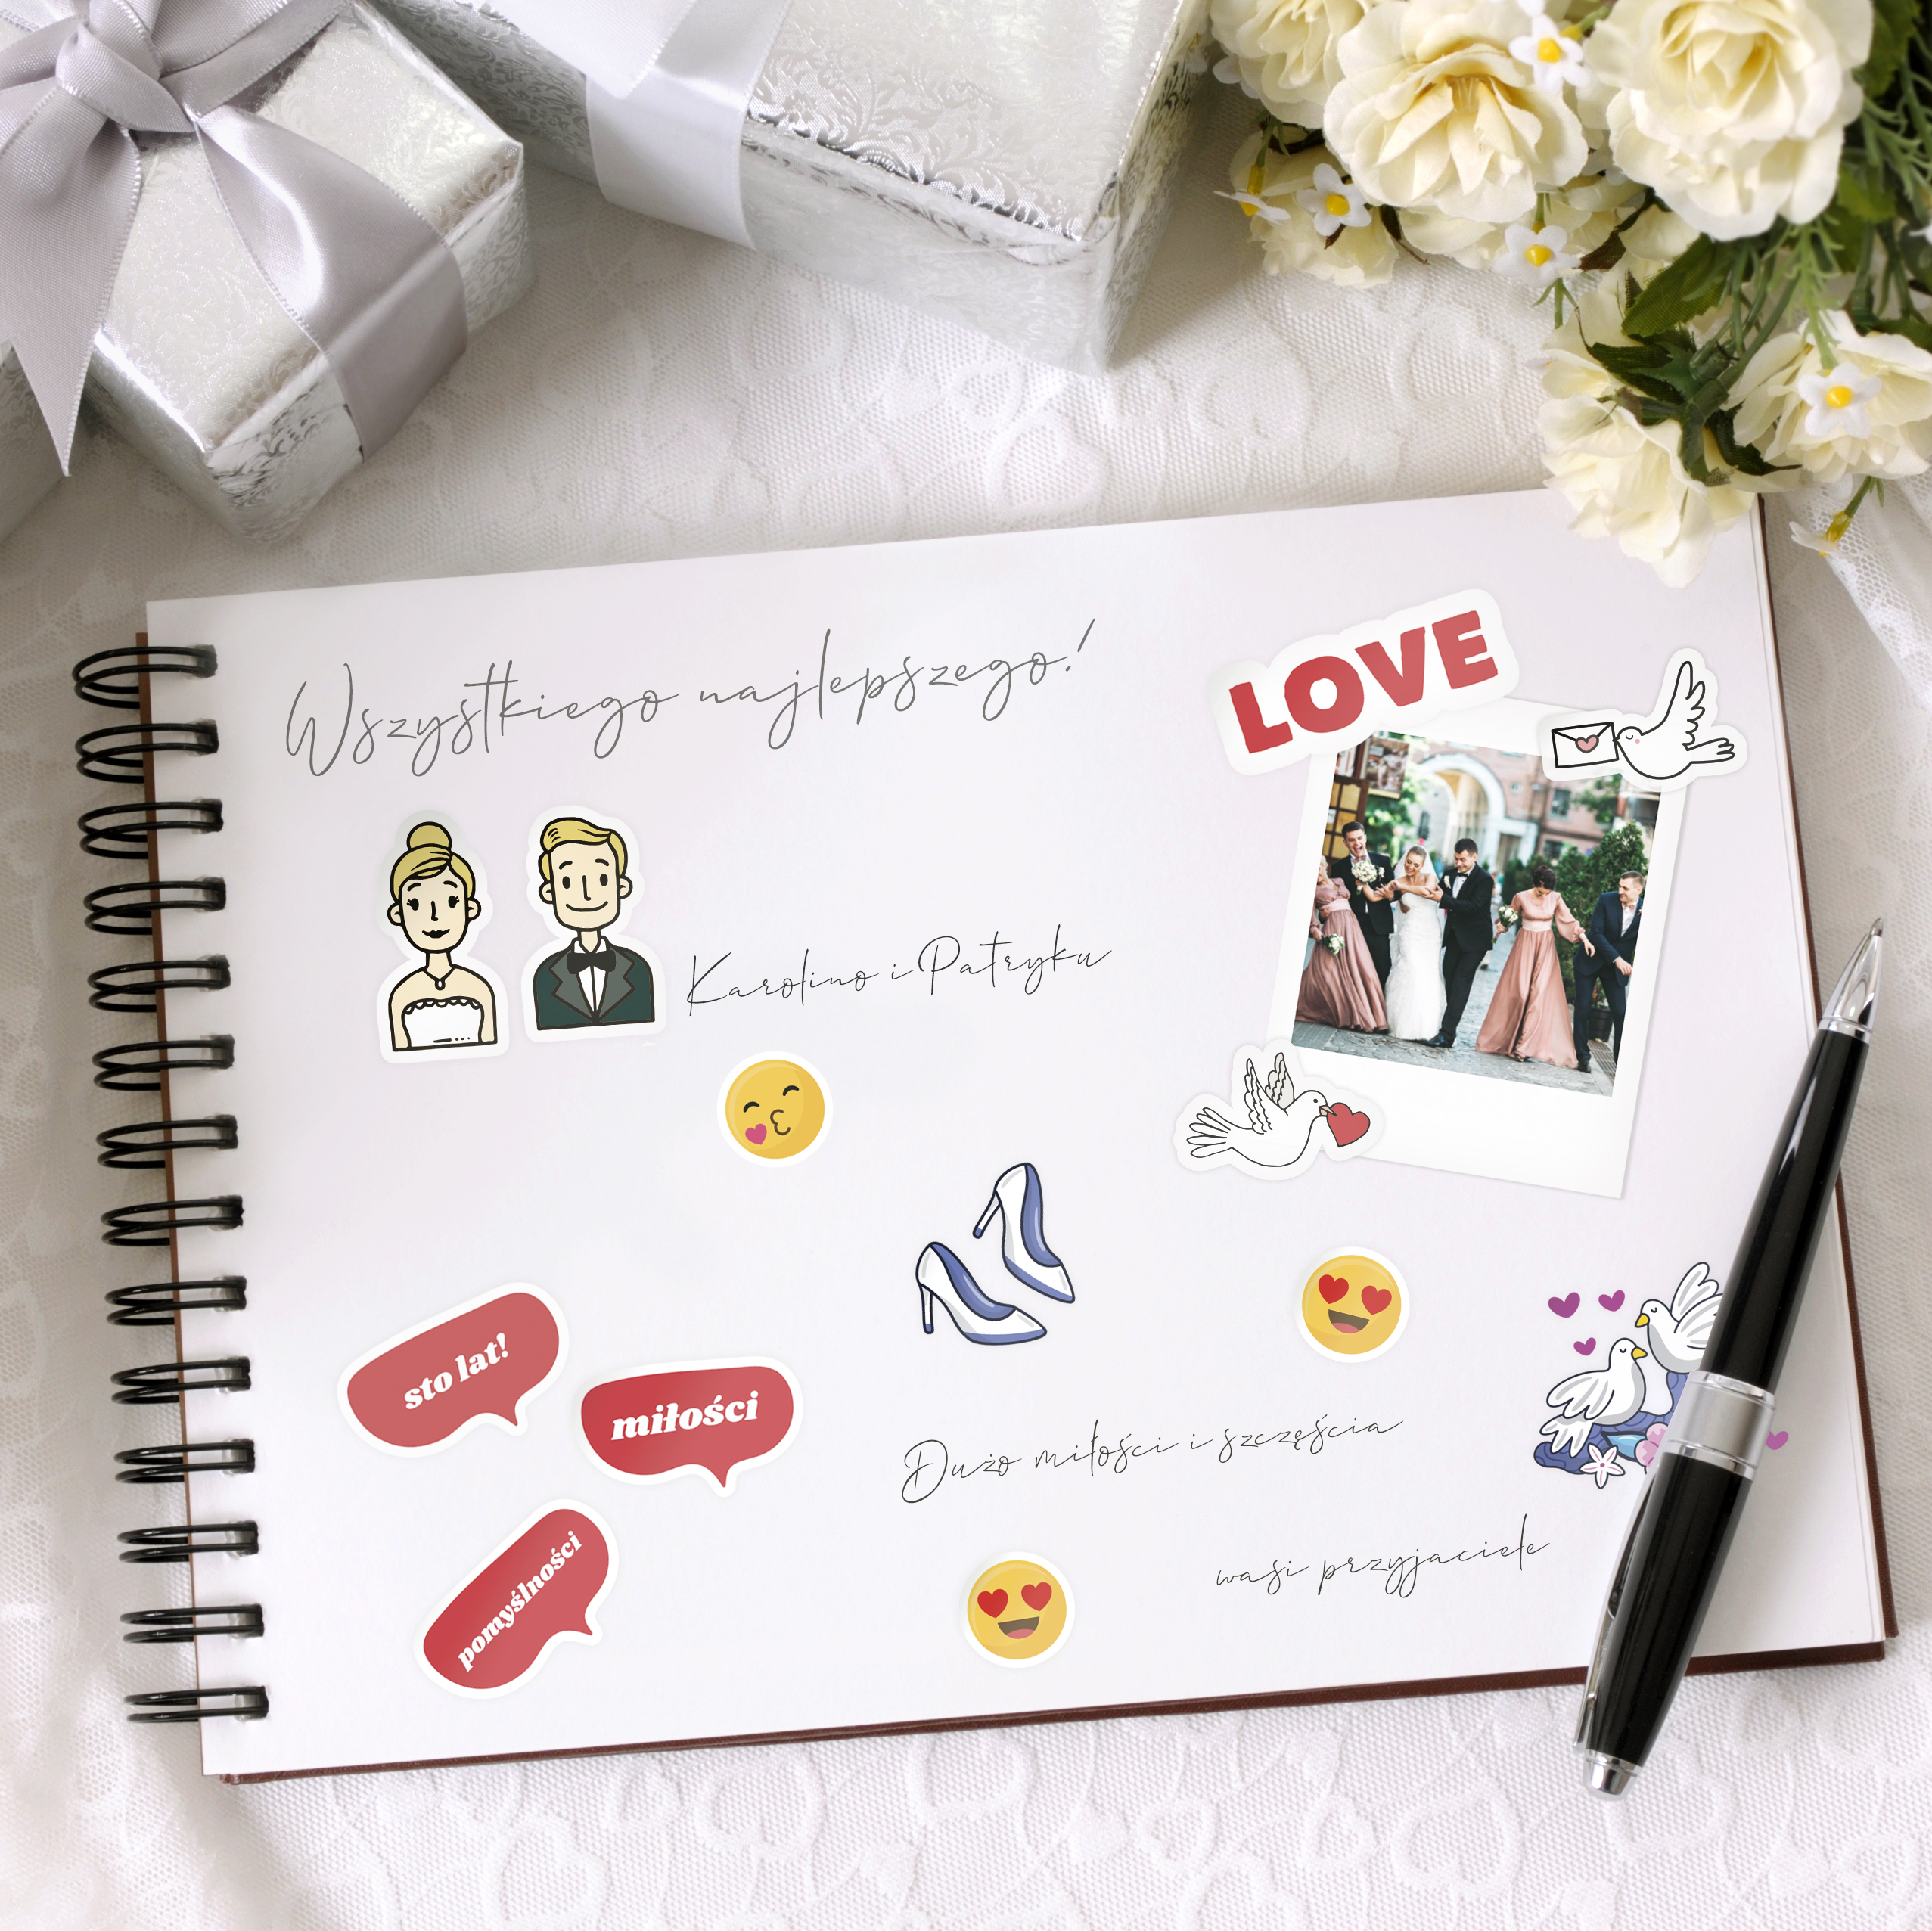 Naklejki ślubne do księgi gości wesele emotki różne wzory 8 arkuszy 10x10 cm